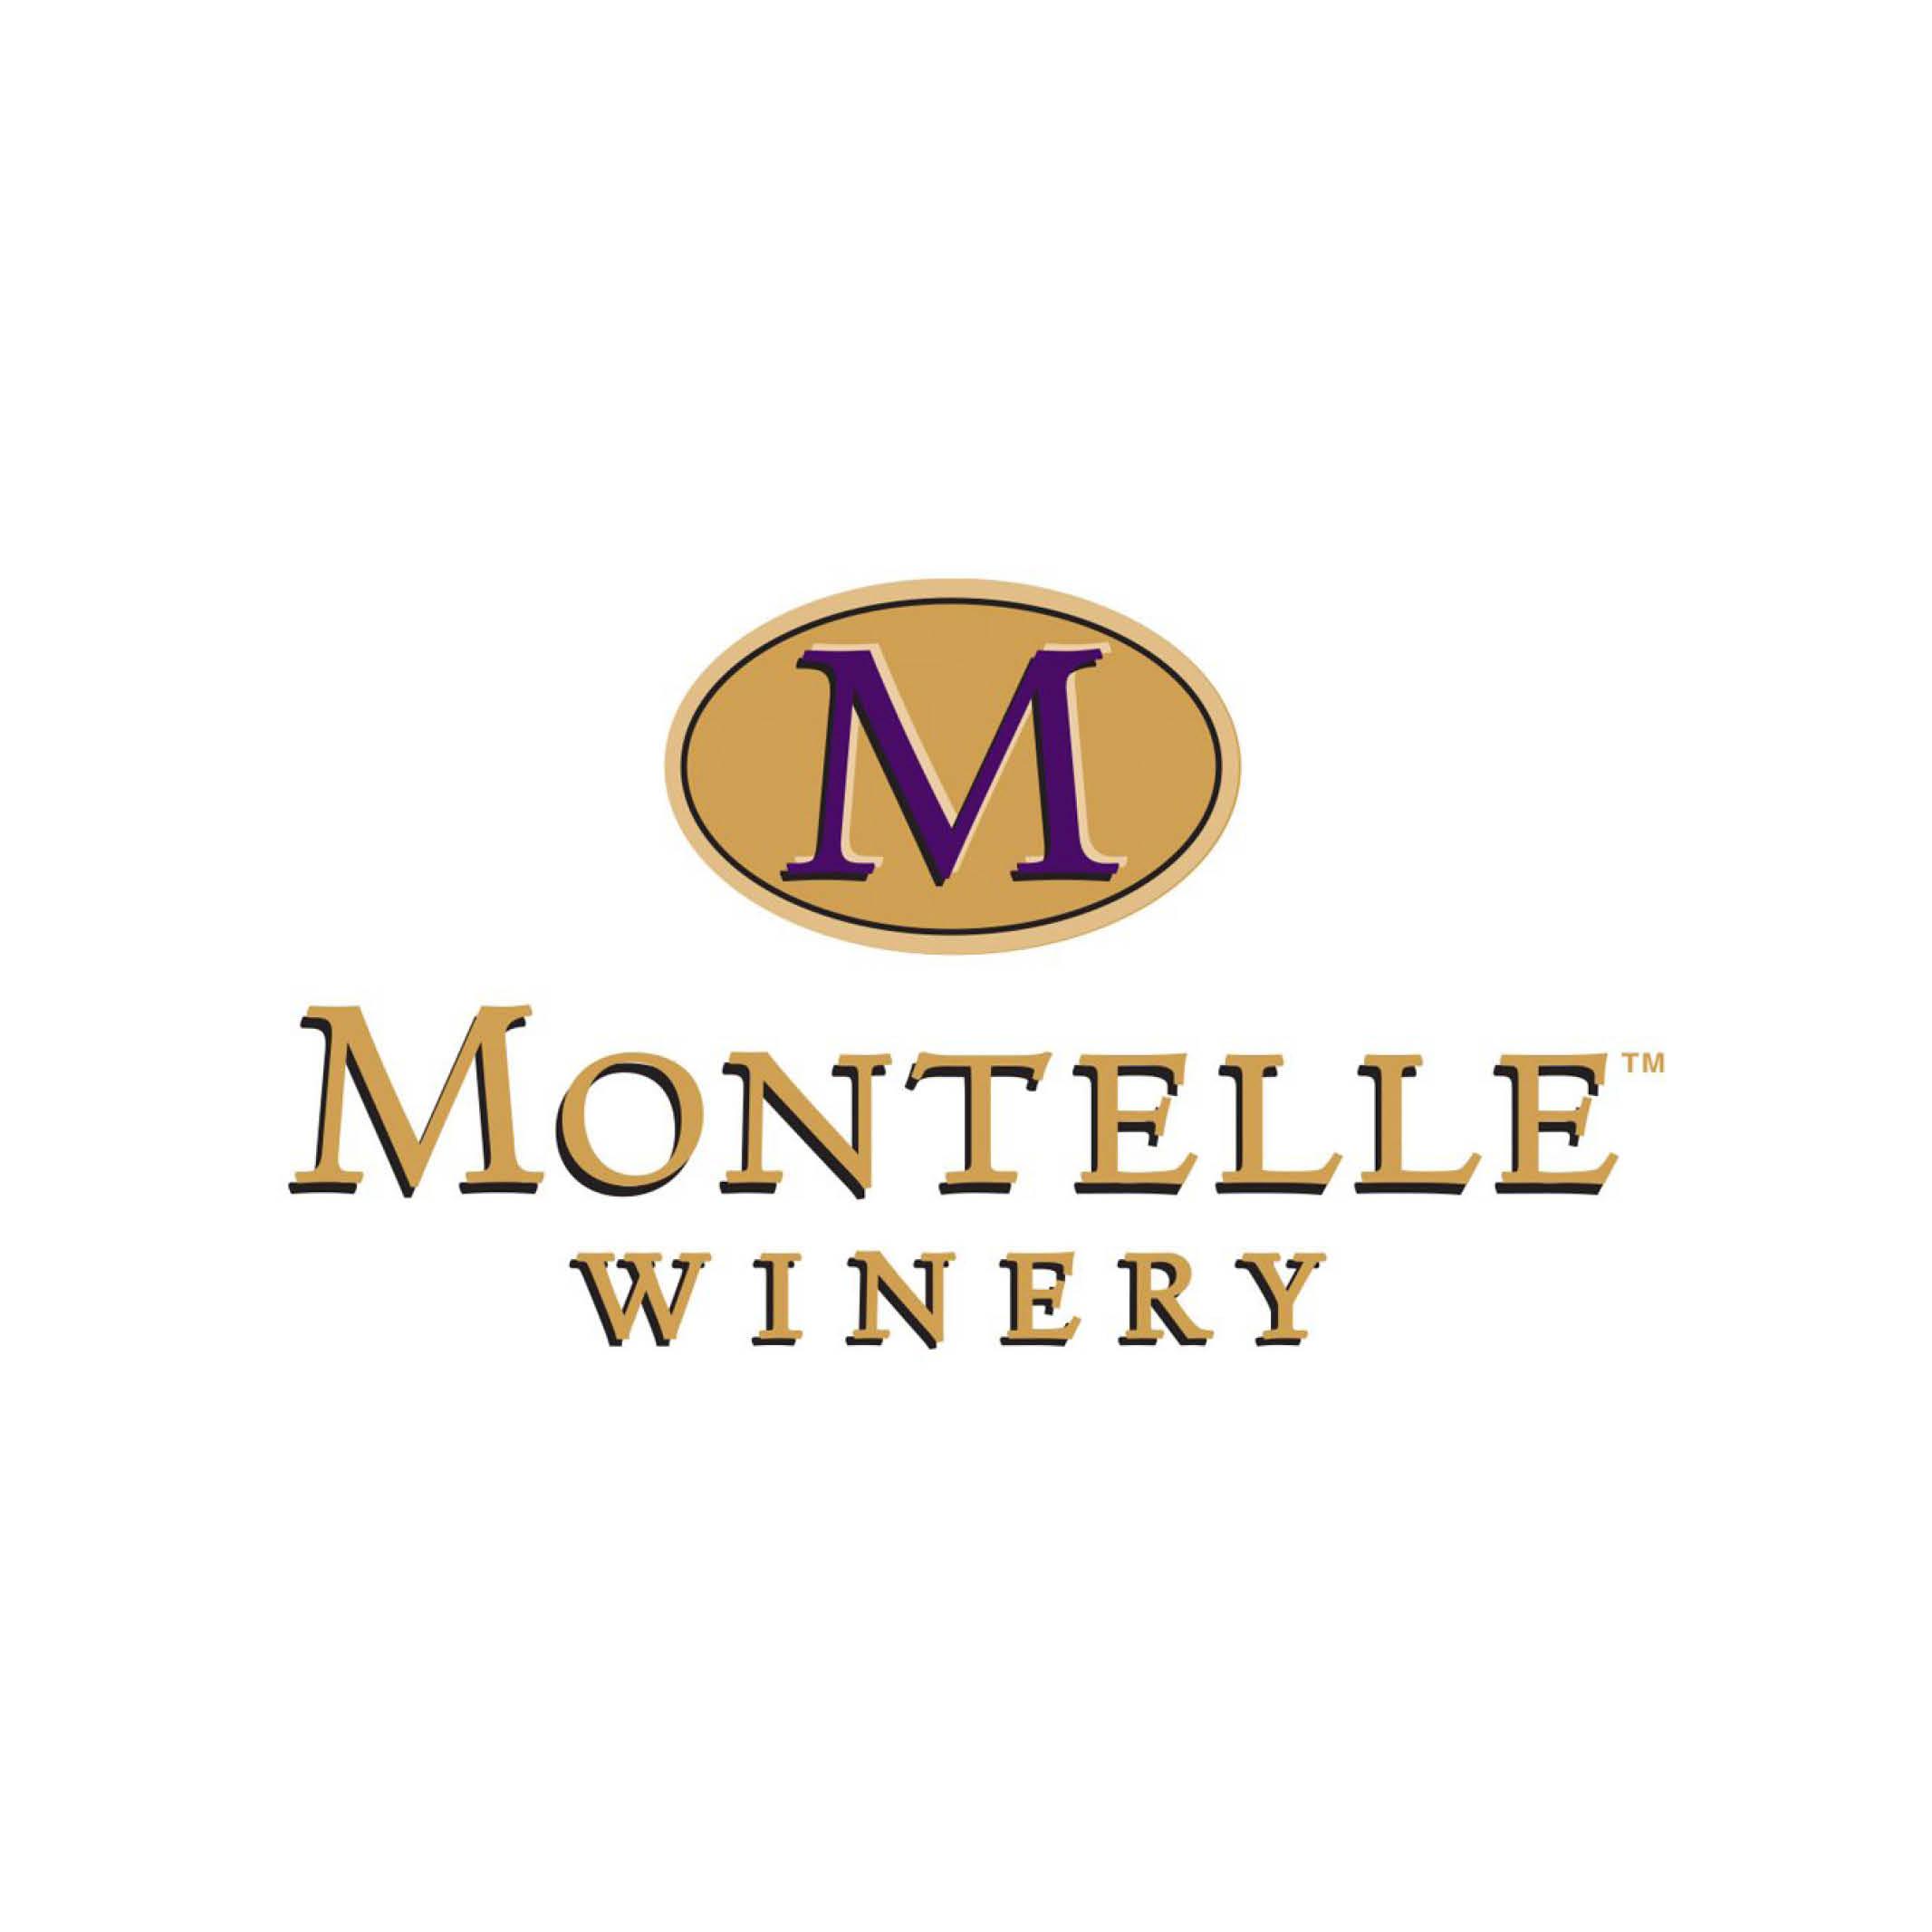 Vineyard Logos3